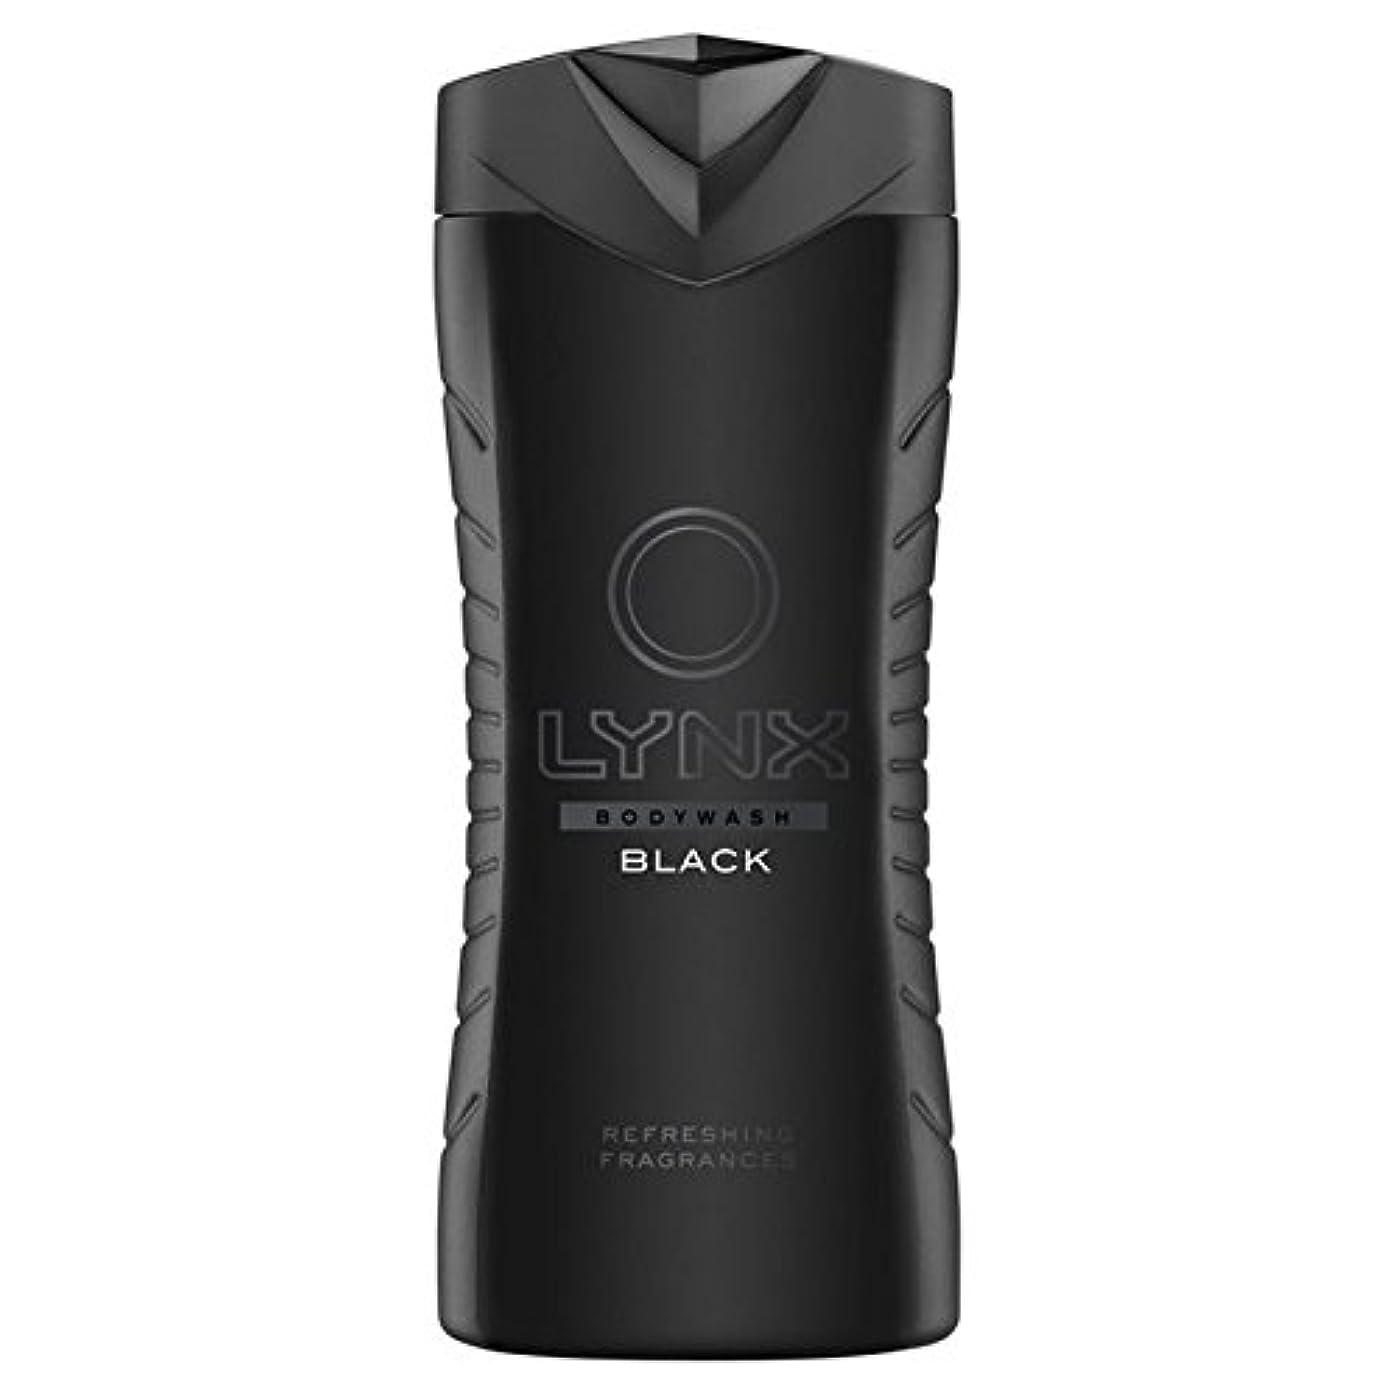 むちゃくちゃバンジージャンプ国民Lynx Black Shower Gel 400ml - オオヤマネコブラックシャワージェル400ミリリットル [並行輸入品]